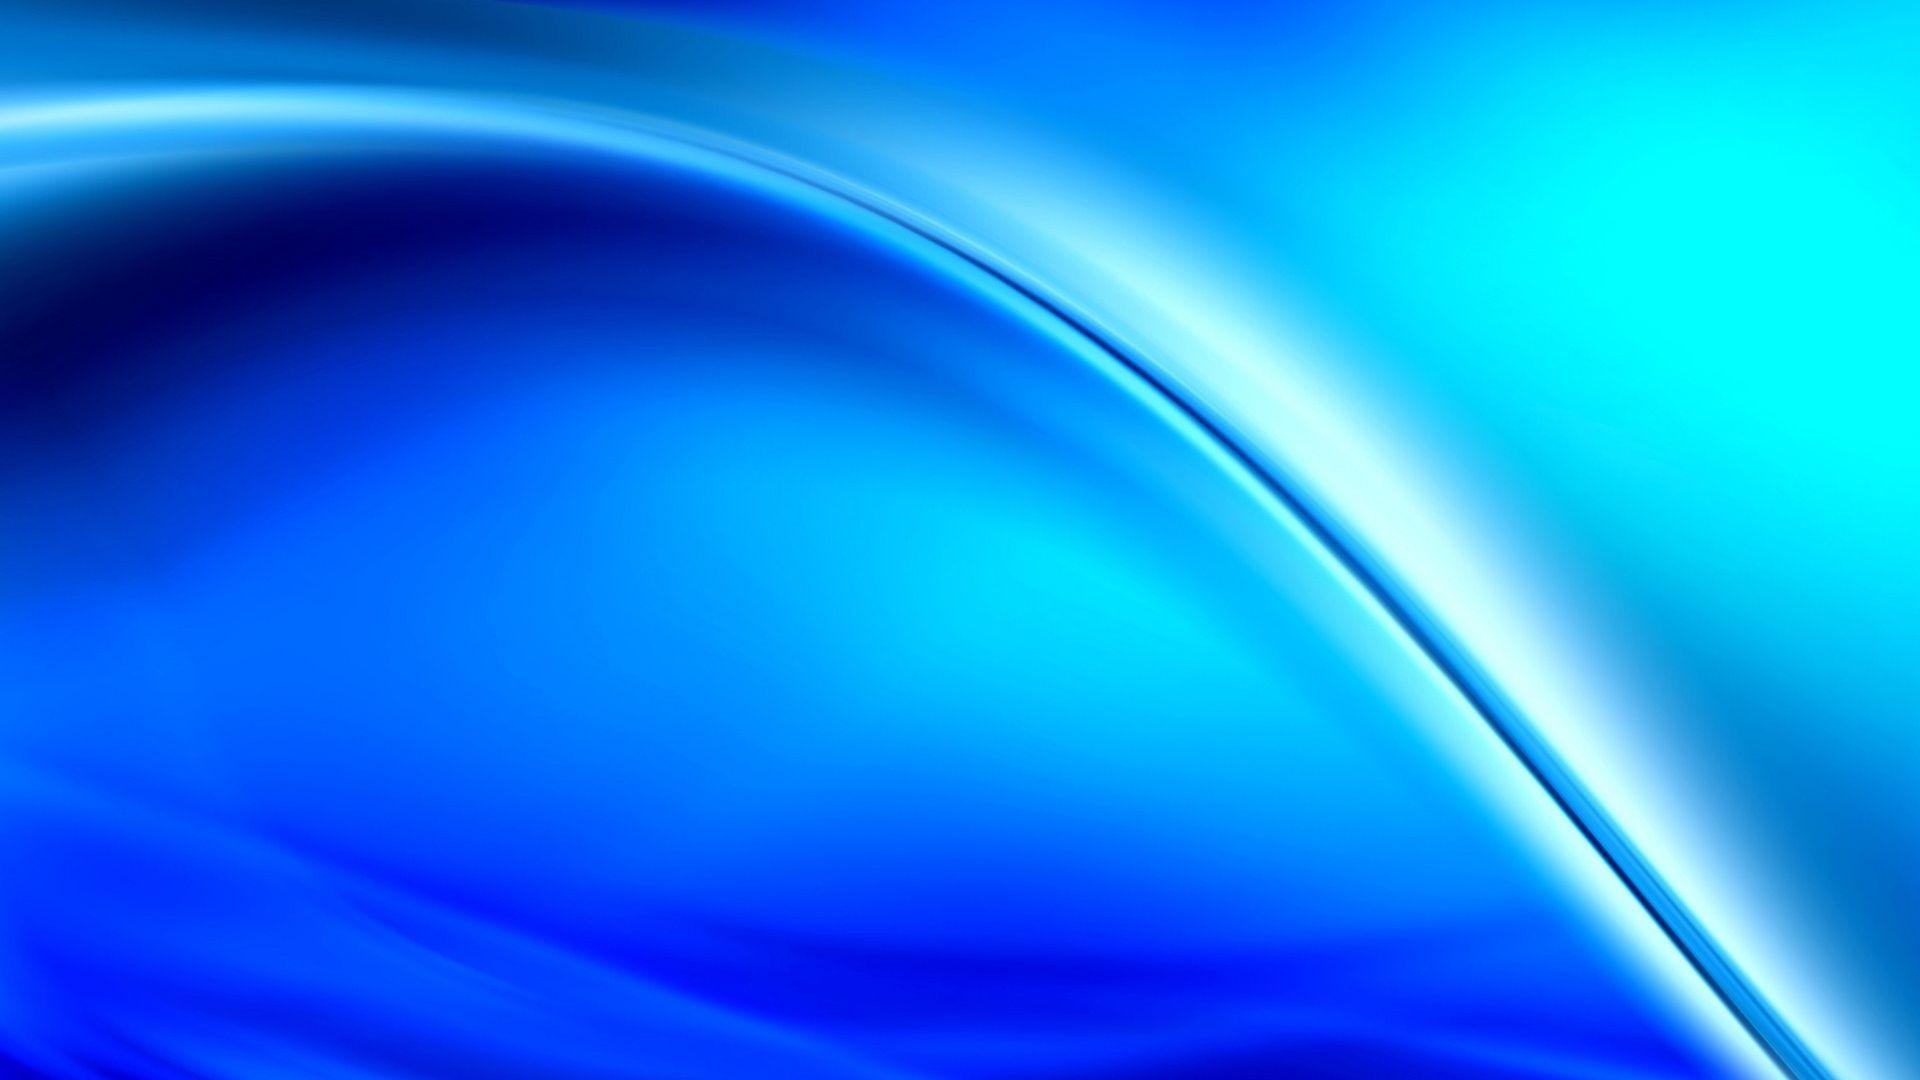 Free Website Background desktop background